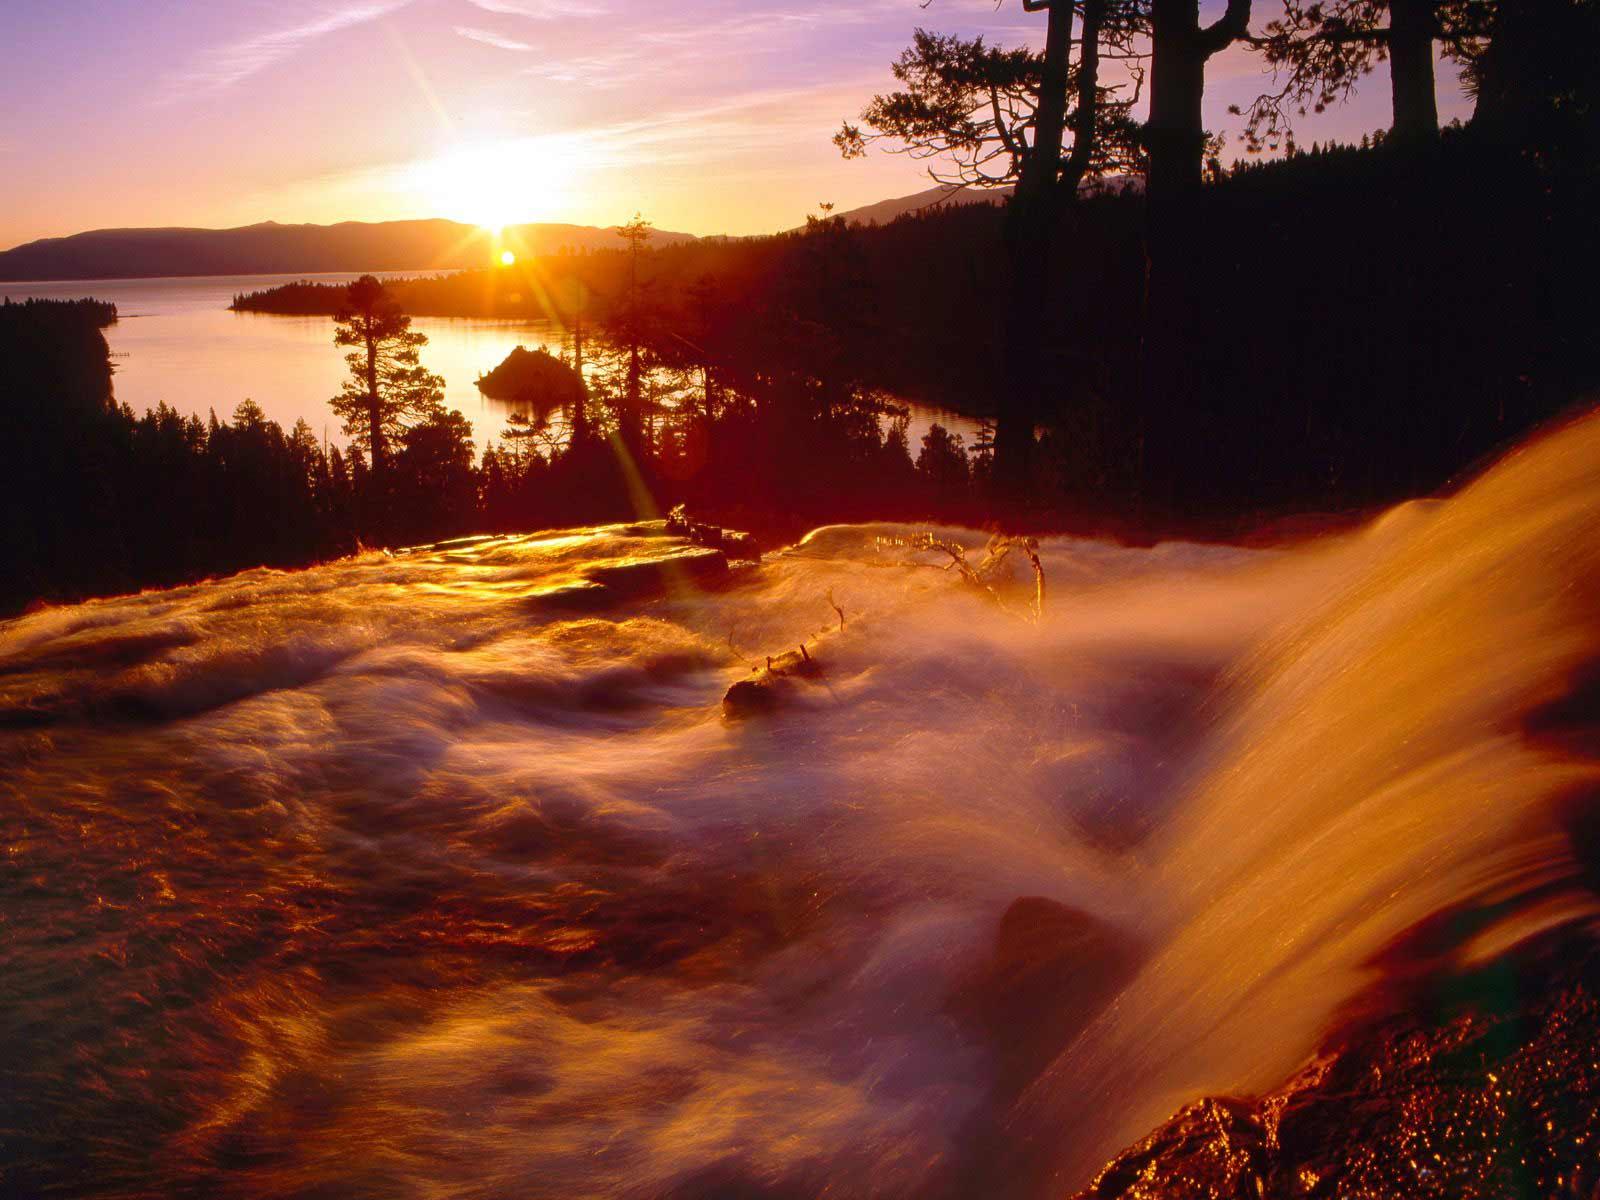 sunrise pictures 12088